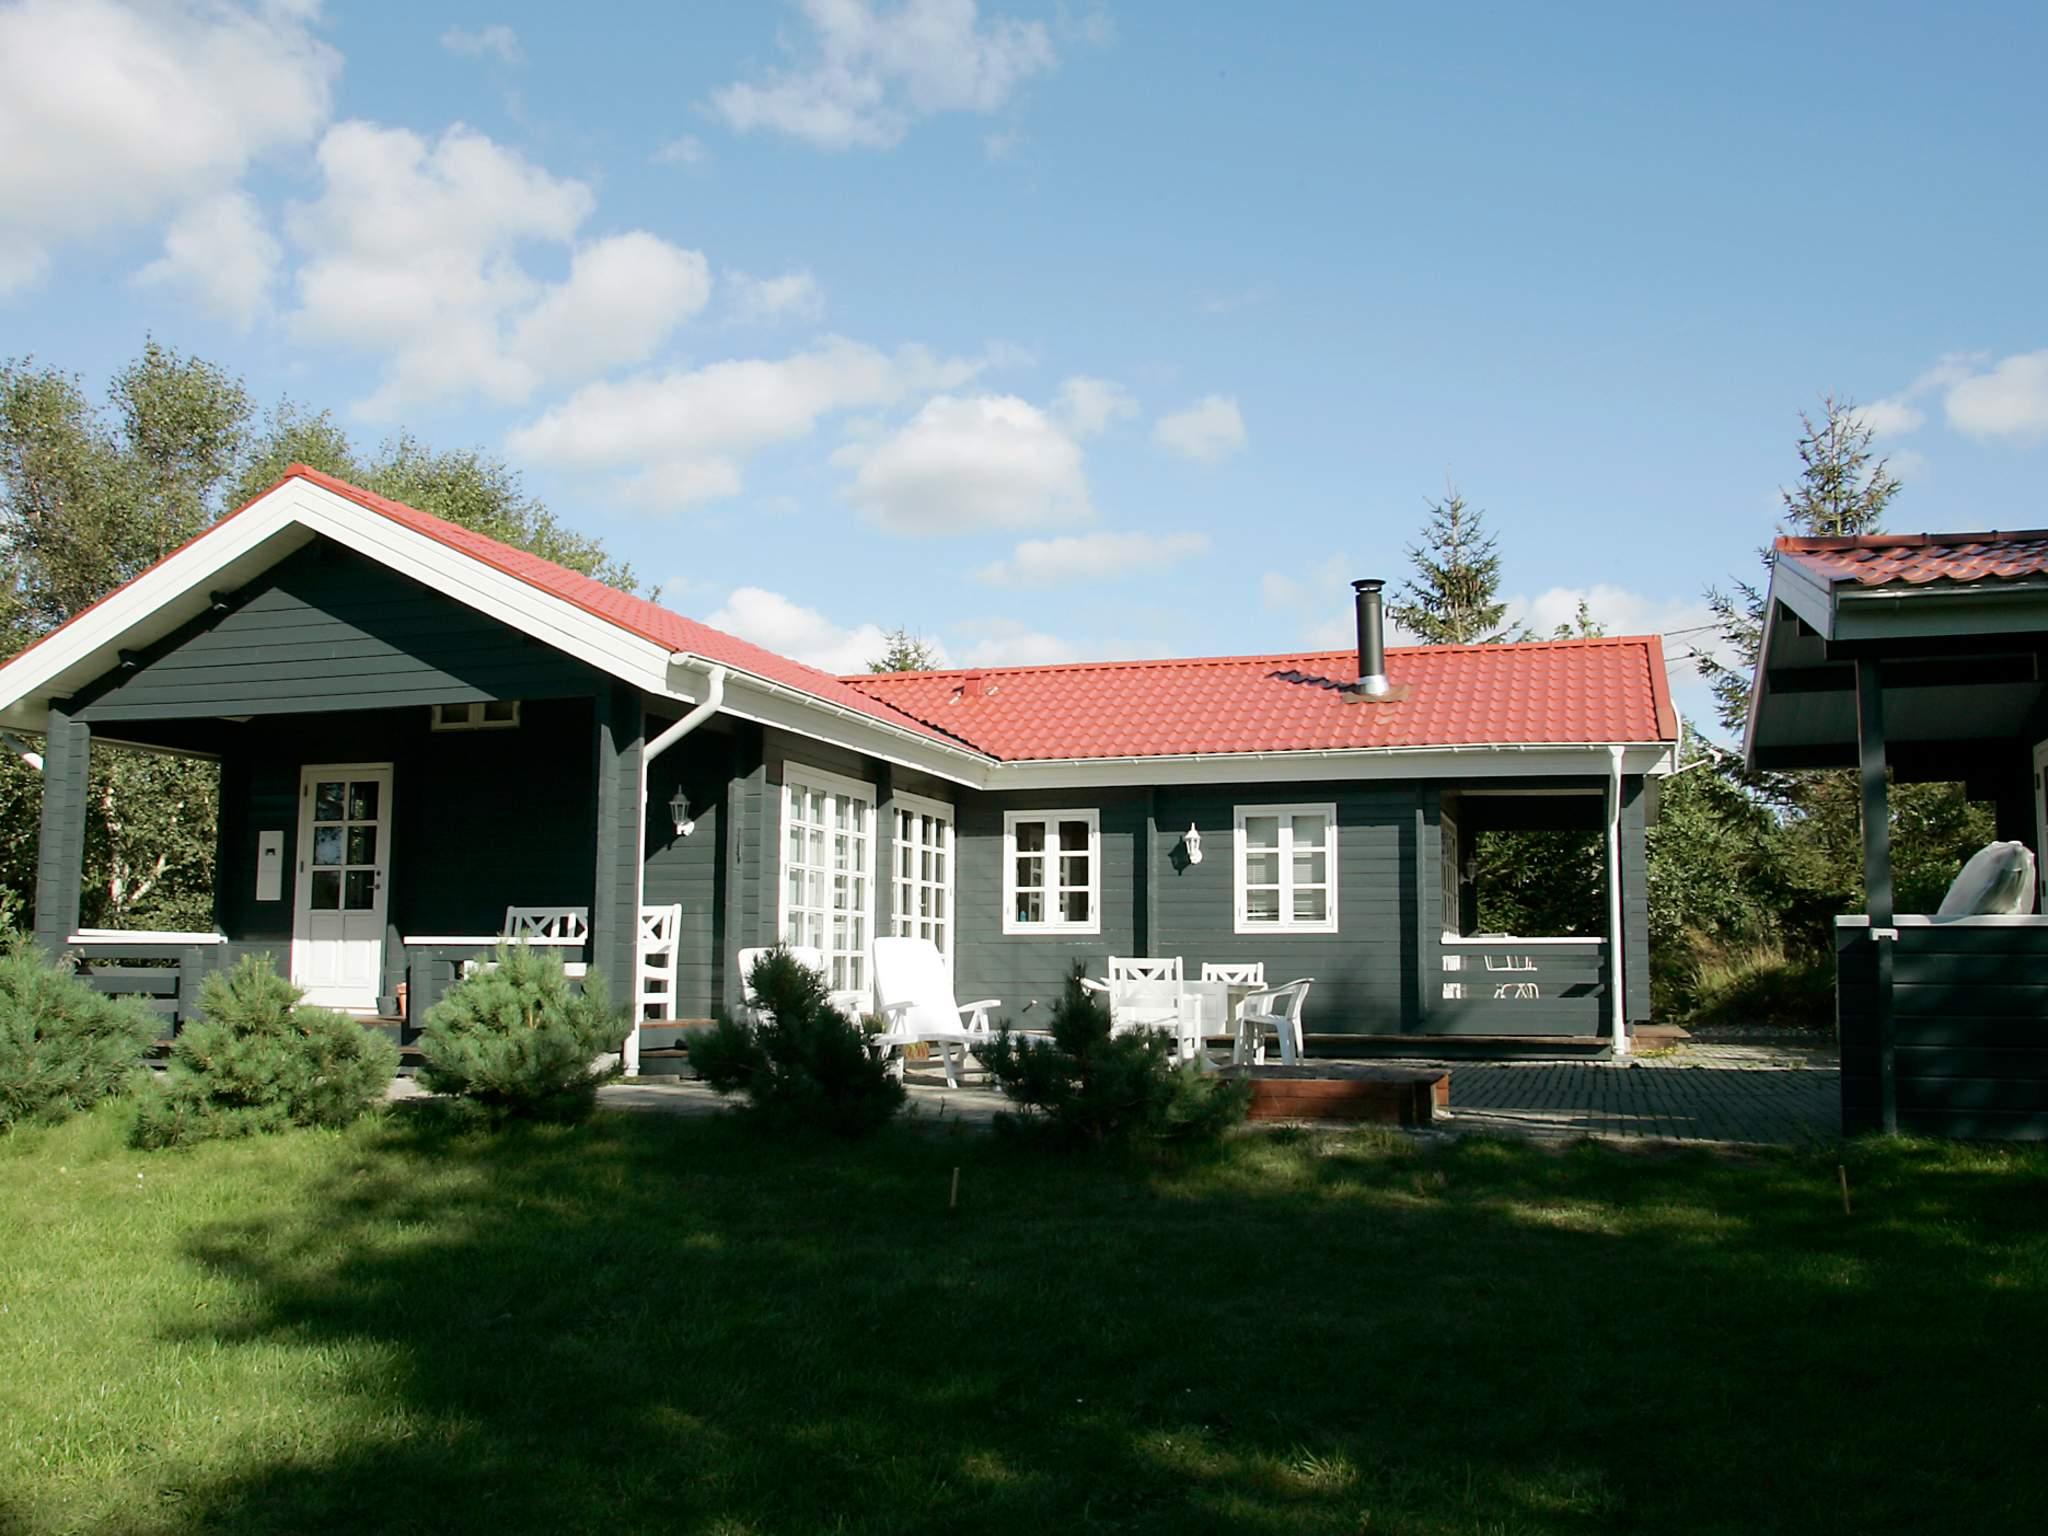 Ferienhaus Trend (86925), Løgstør, , Limfjord, Dänemark, Bild 9